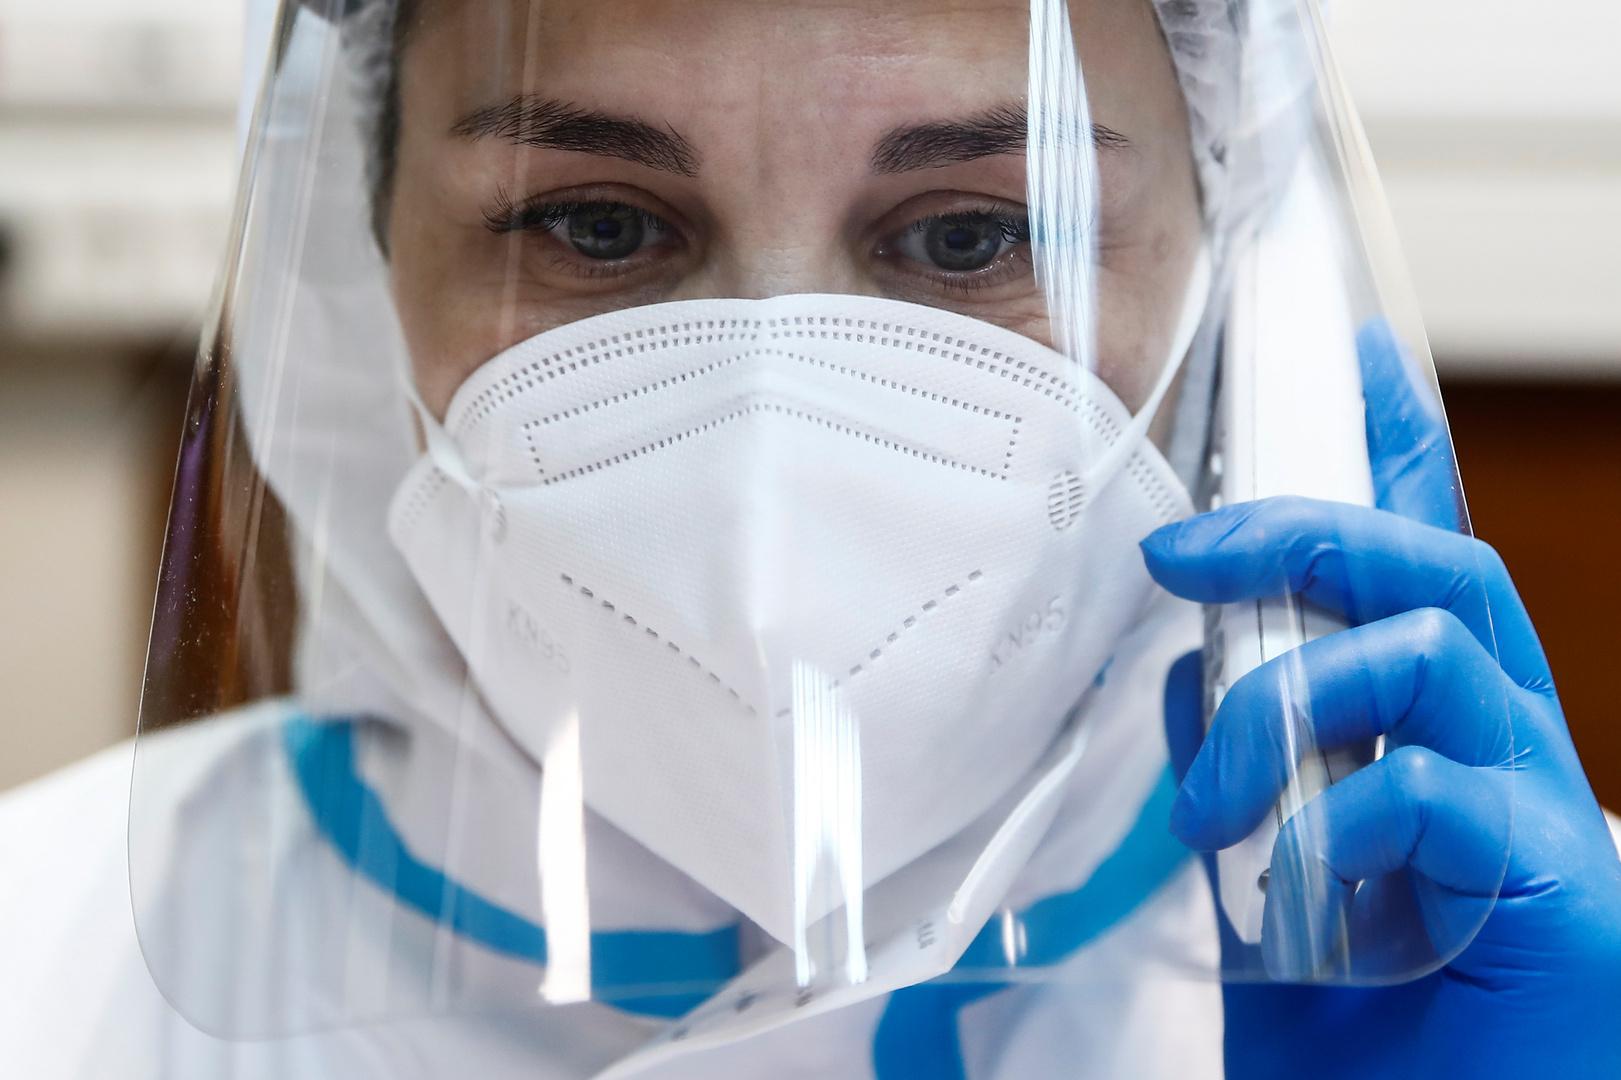 روسيا تسجل أقل حصيلة يومية من الإصابات بفيروس كورونا خلال الأشهر الثلاثة الماضية